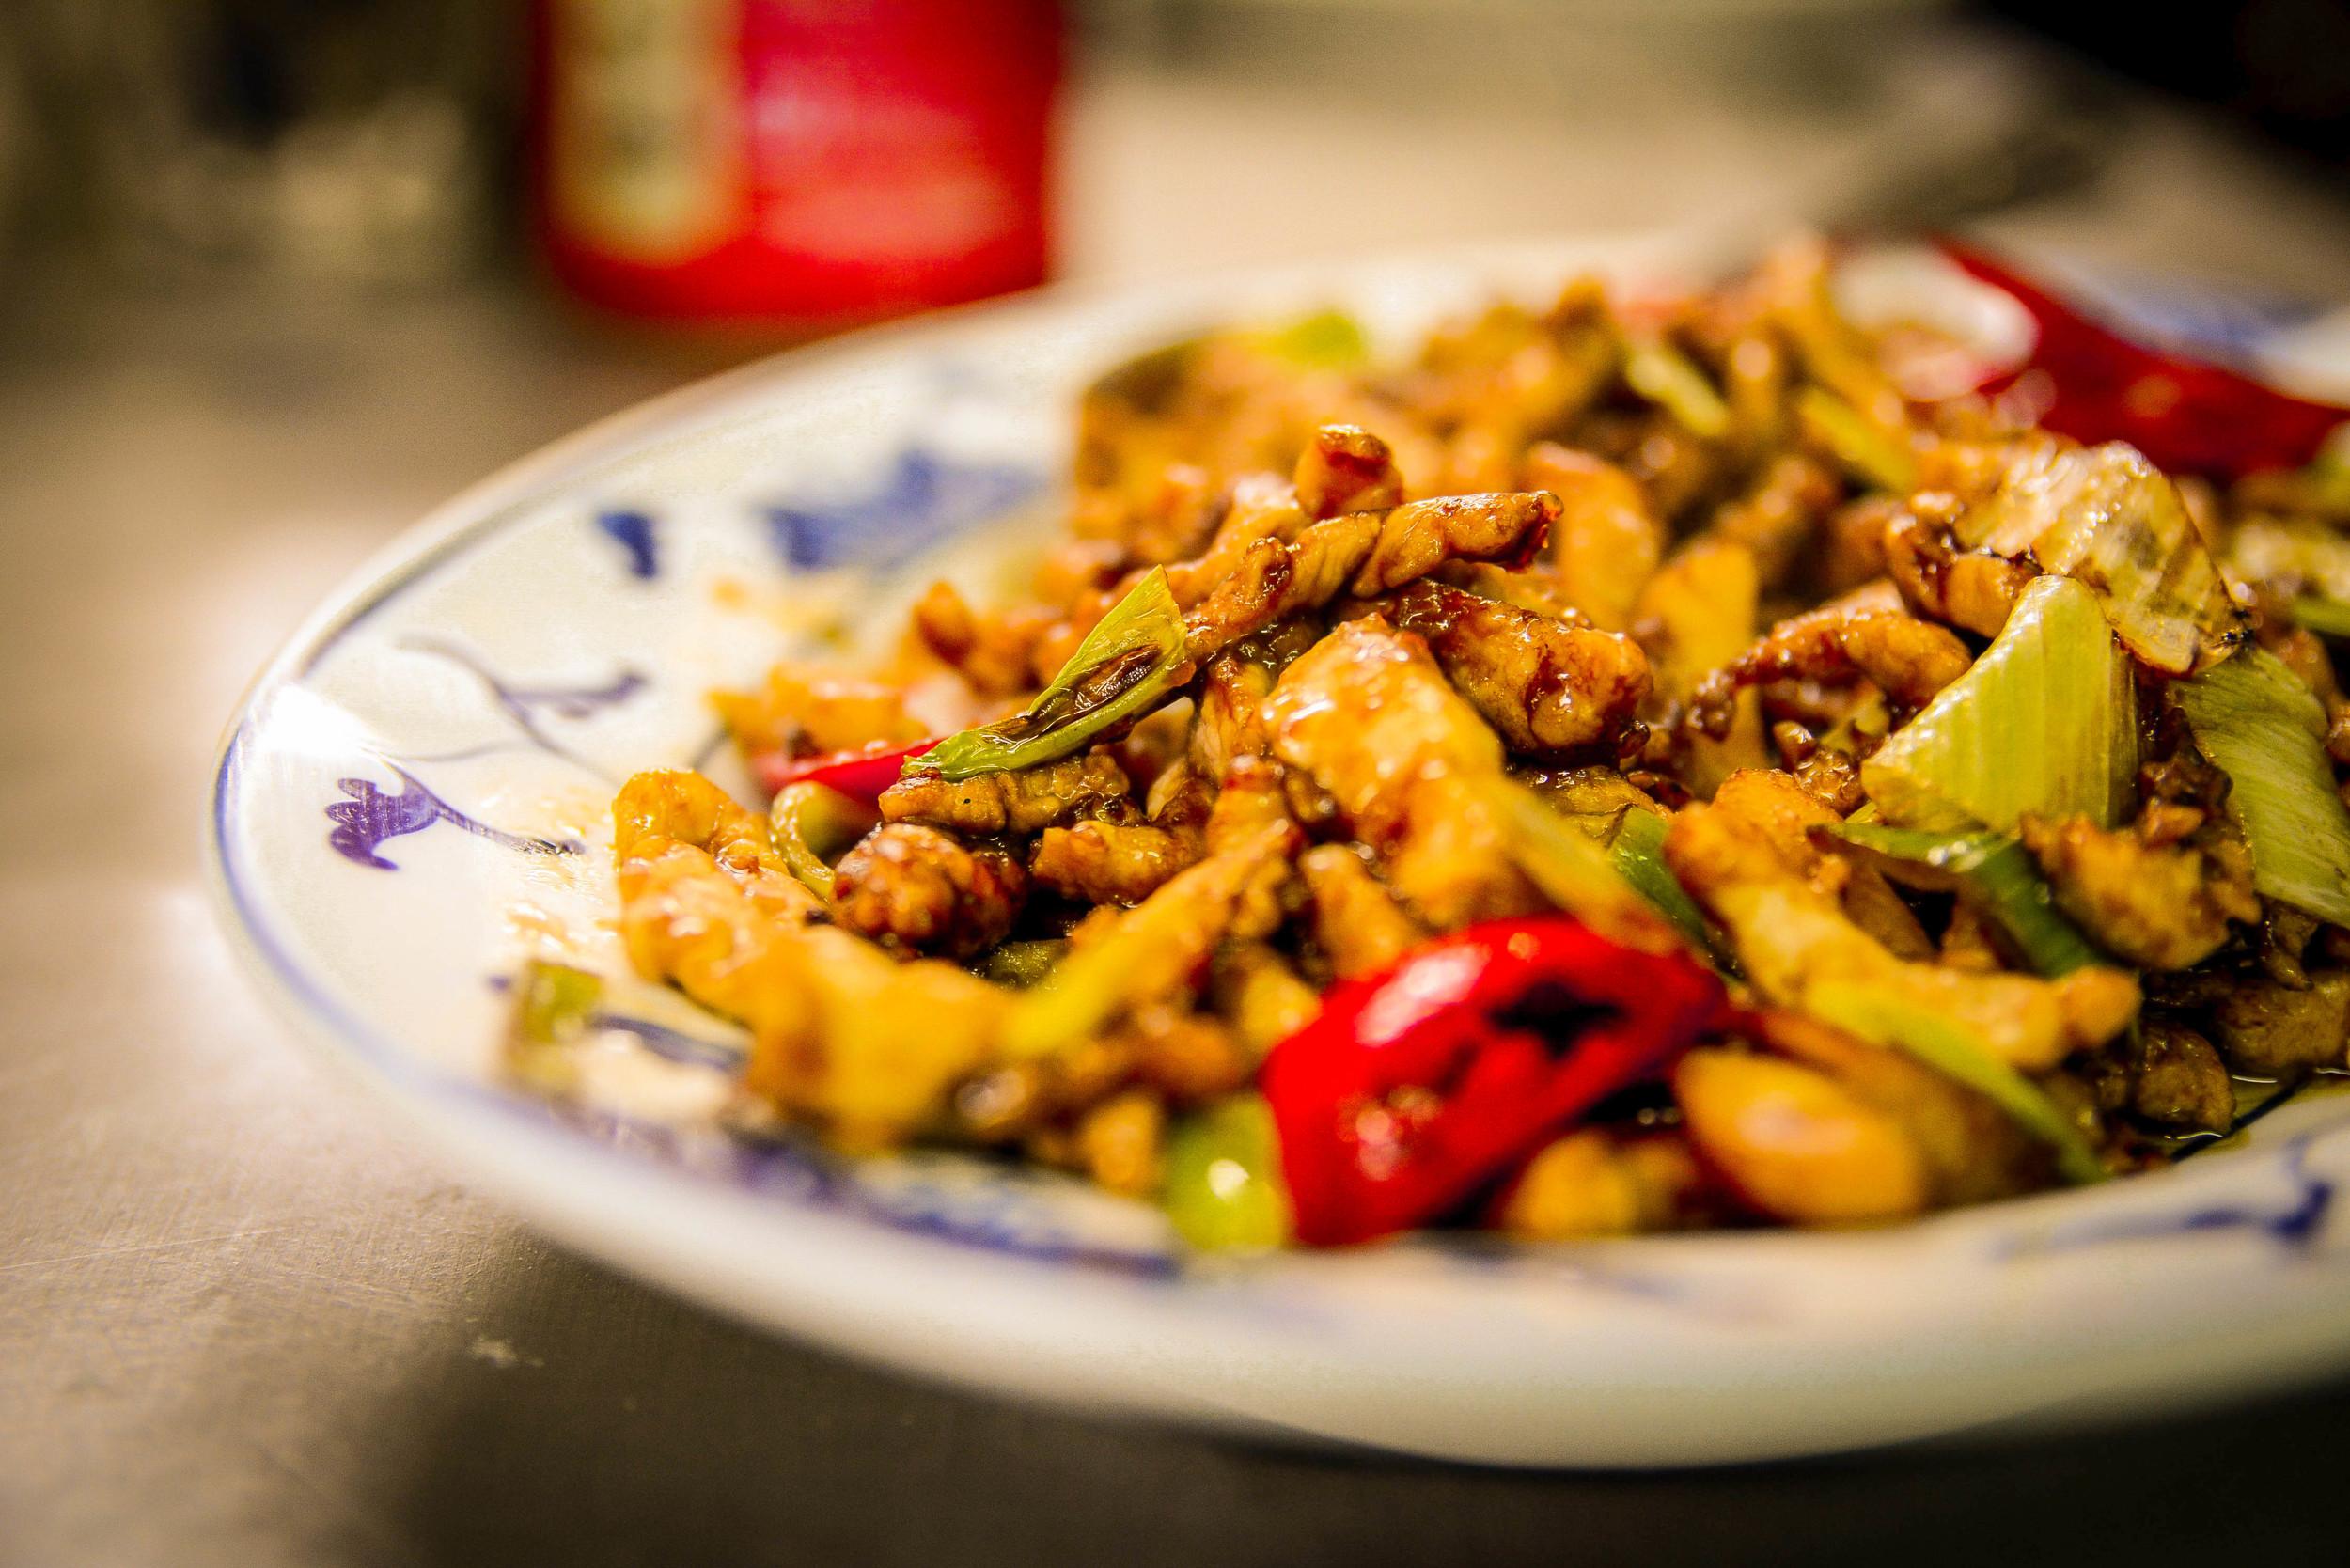 Peking_Restaurant_Cambridge_Shredded_Pork_with_Black_Beans_And_Chilli.jpg